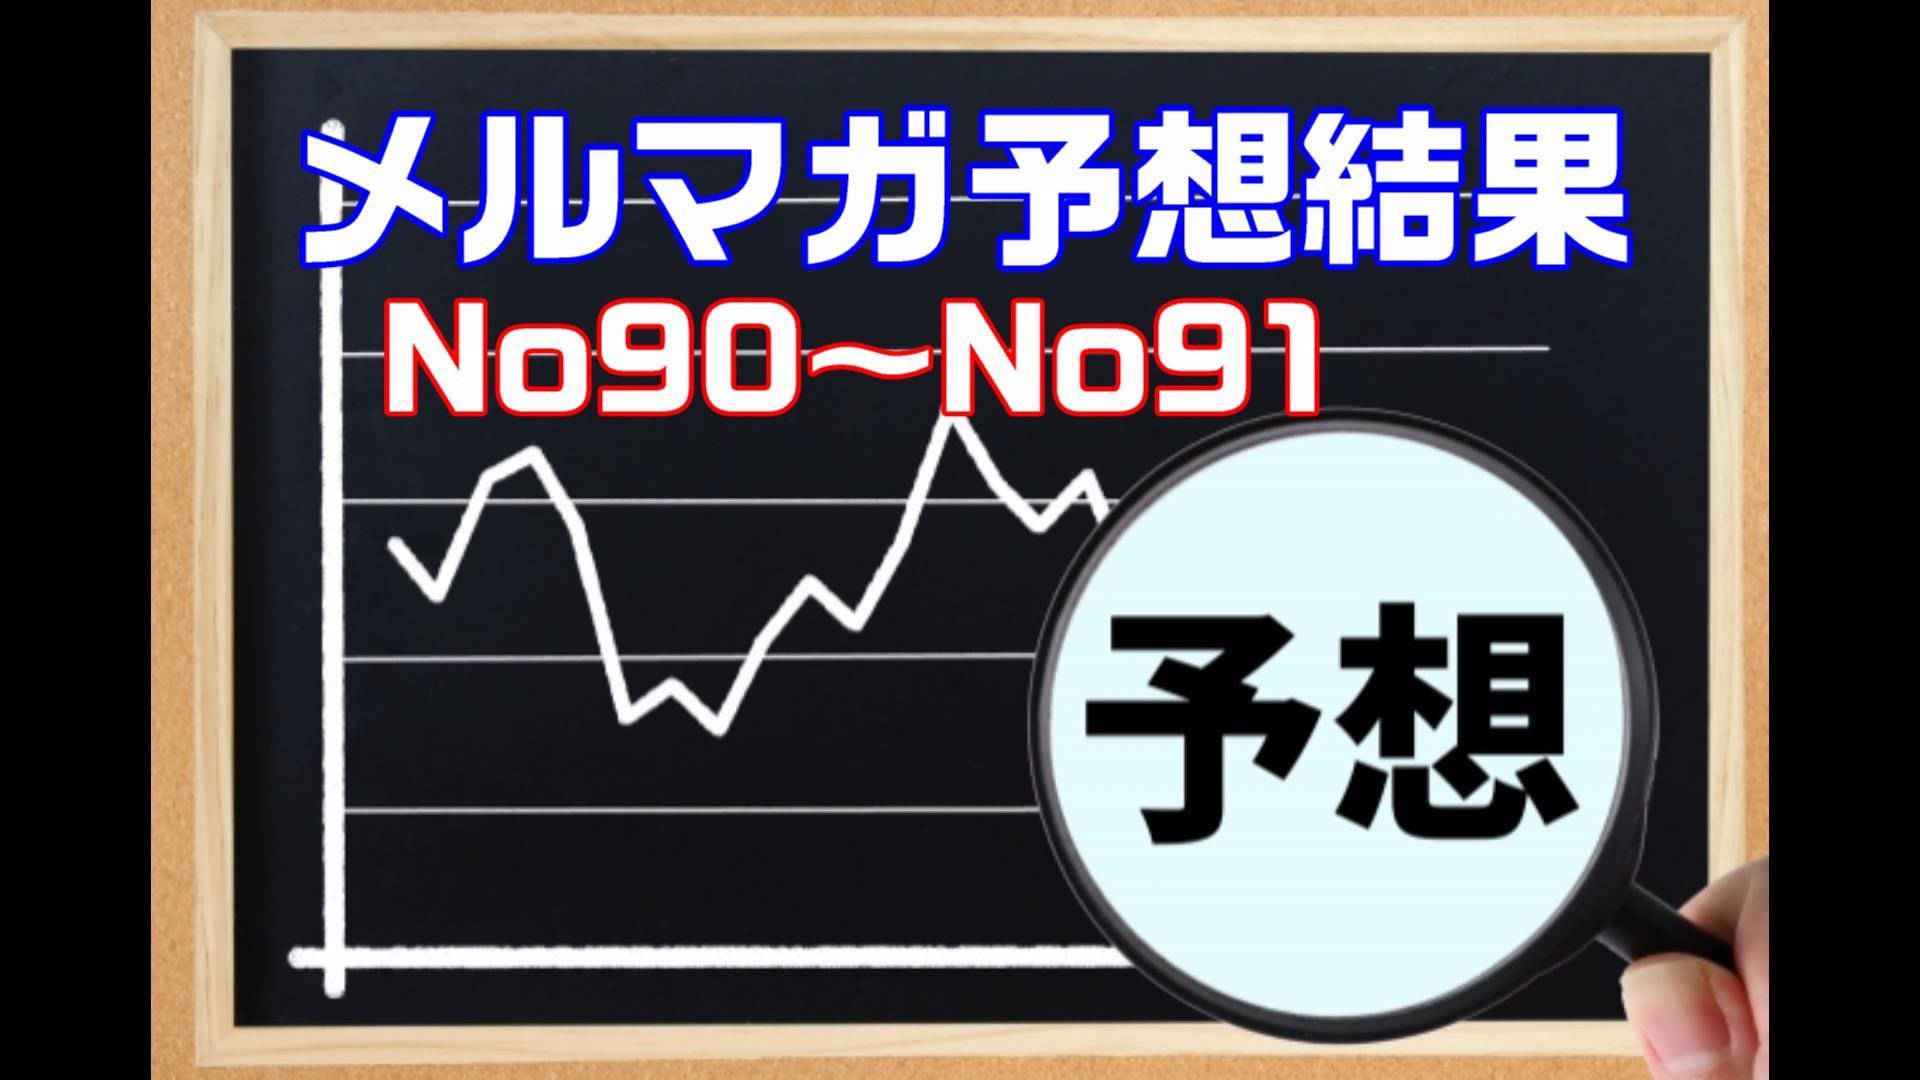 【メルマガの予想結果】メルマガNo90~No91結果